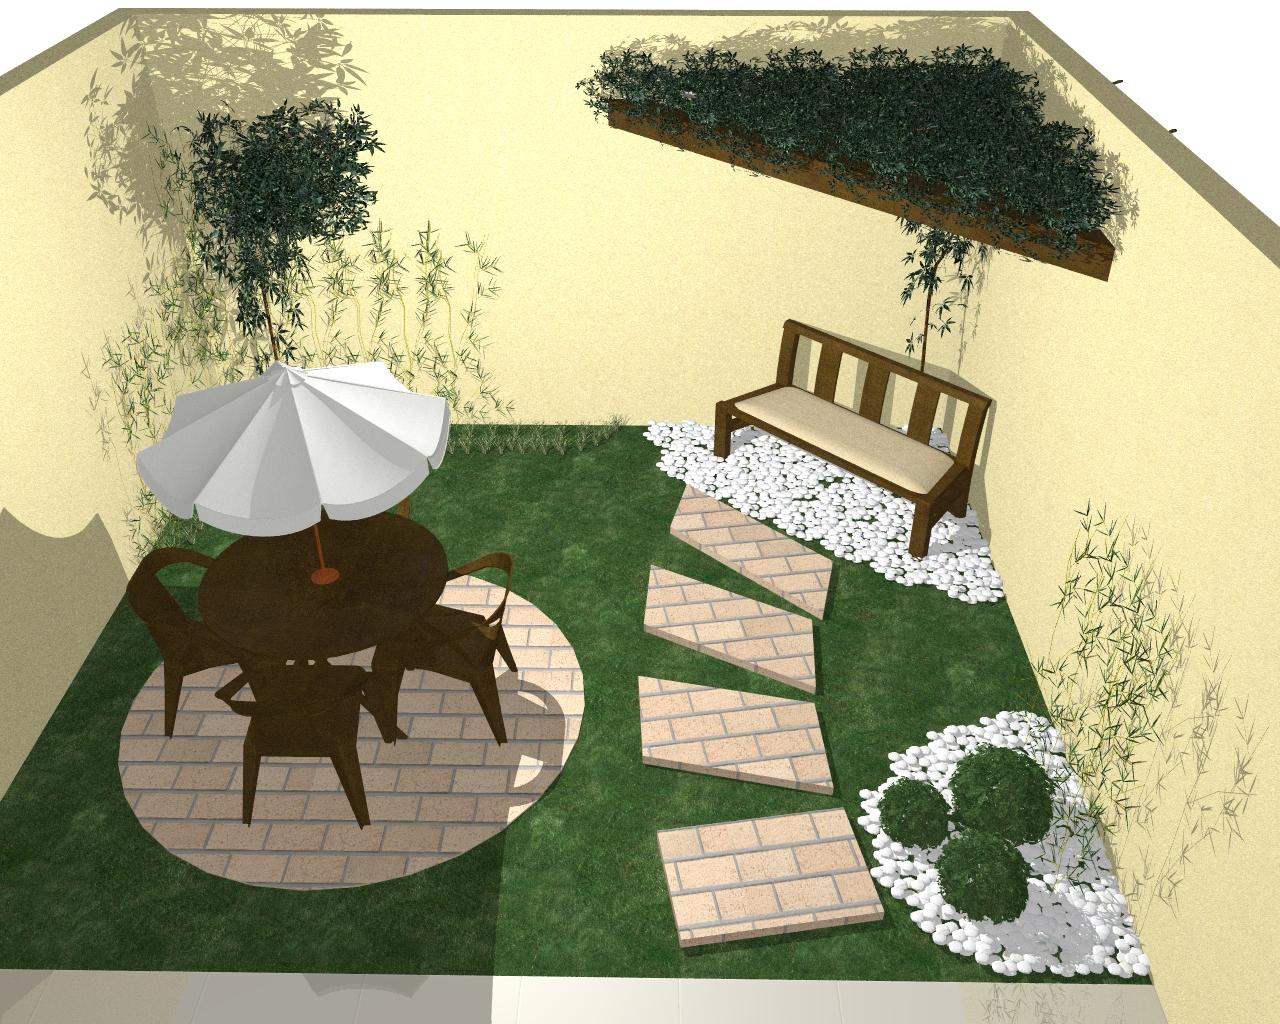 fotos jardins pequenos residenciais: um espaço pequeno que manteve a graça e a beleza do paisagismo